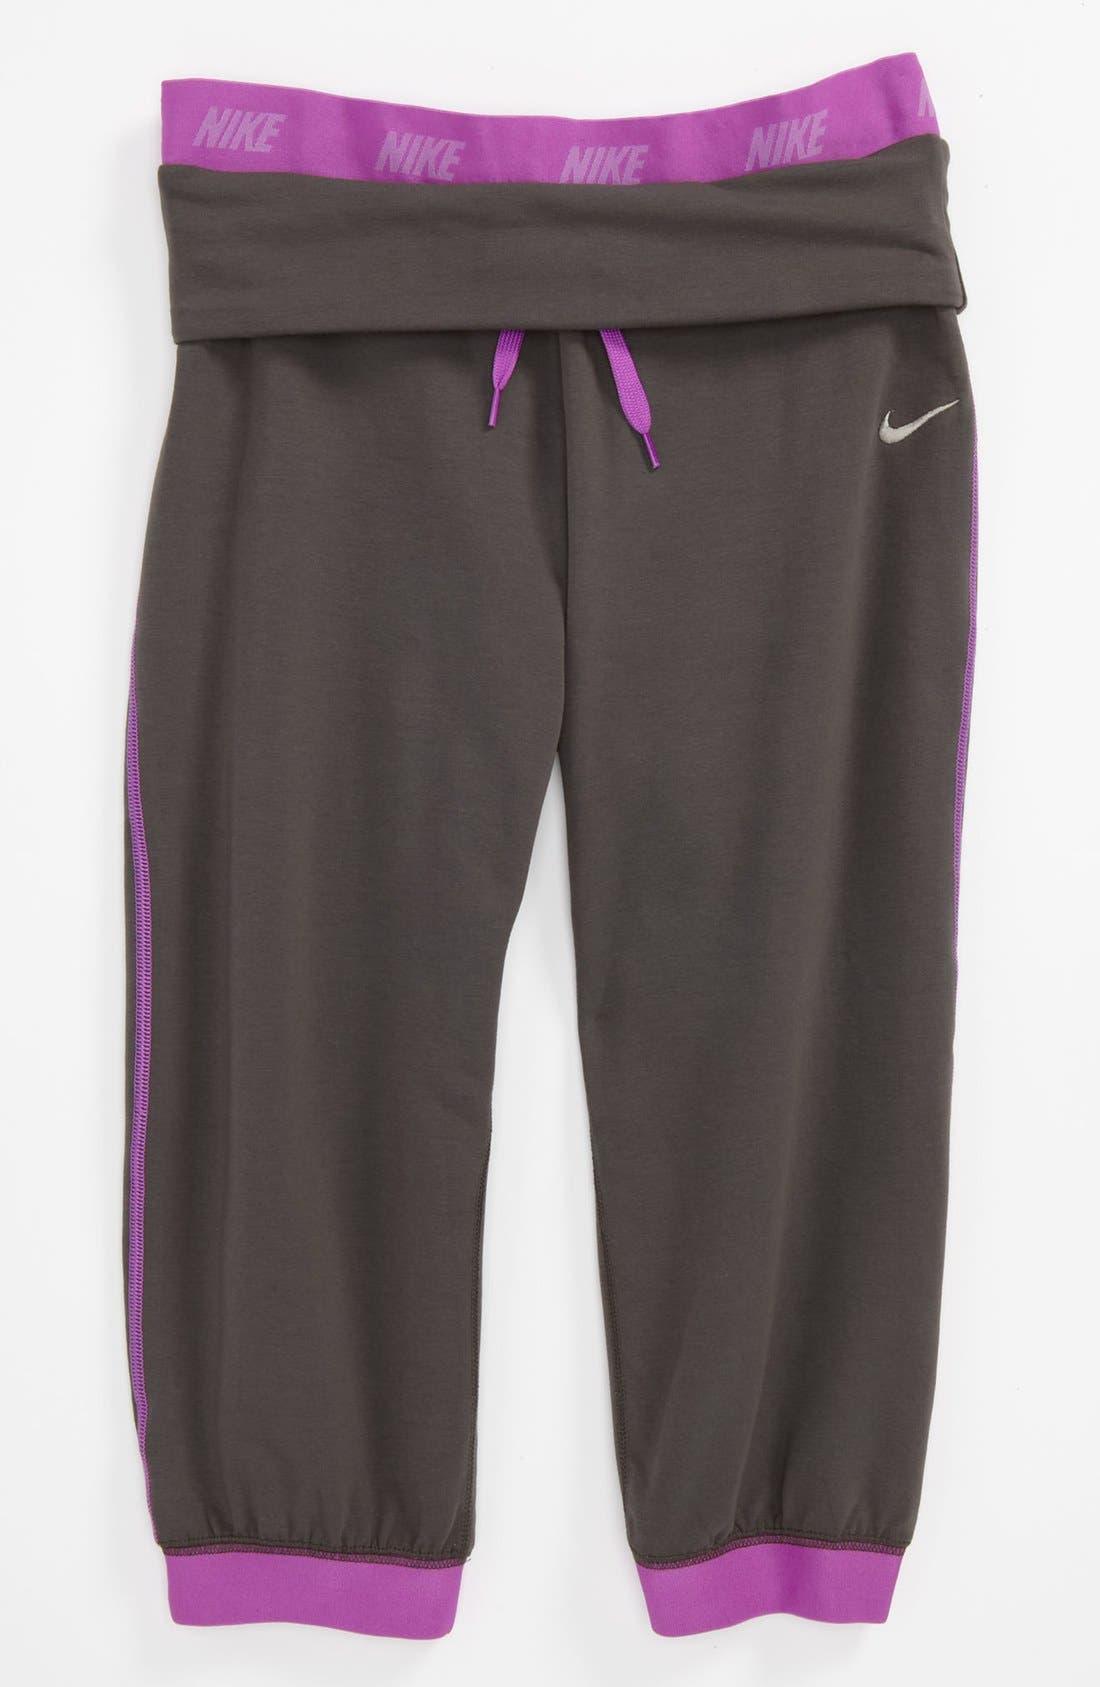 Alternate Image 1 Selected - Nike 'Victory' Capri Pants (Big Girls)